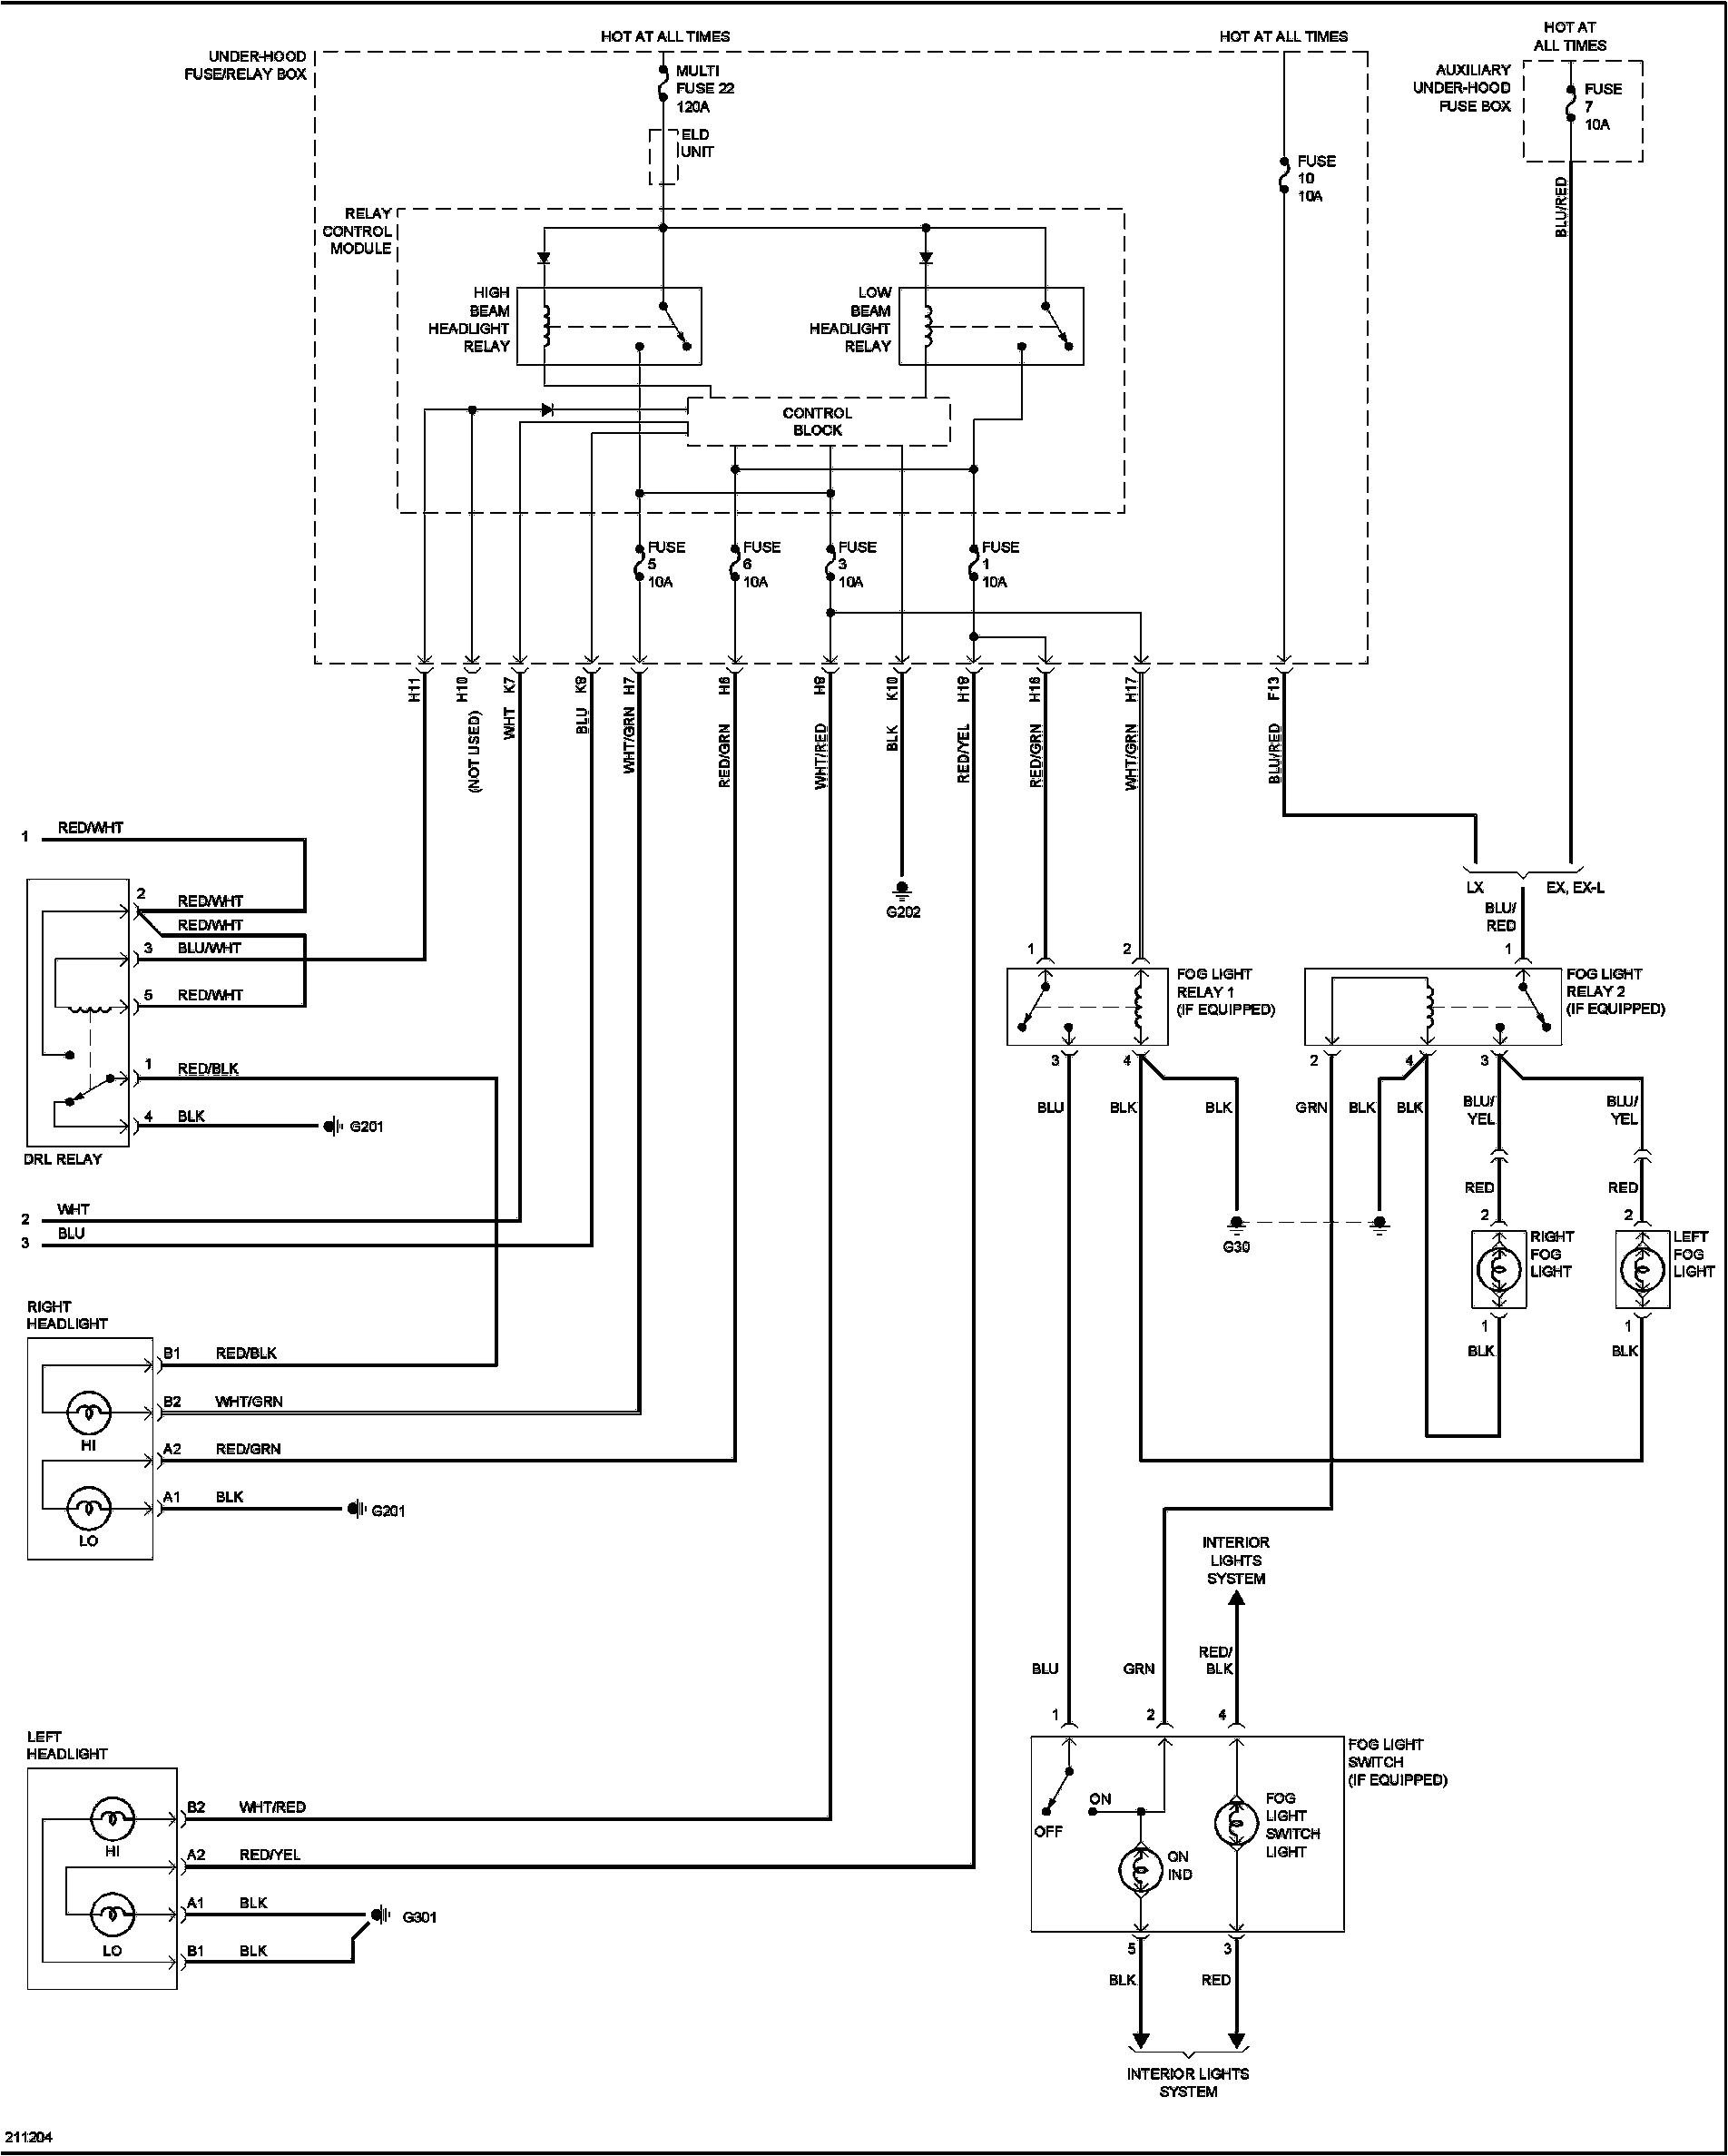 2011 honda civic si fuse diagram wiring diagram used 02